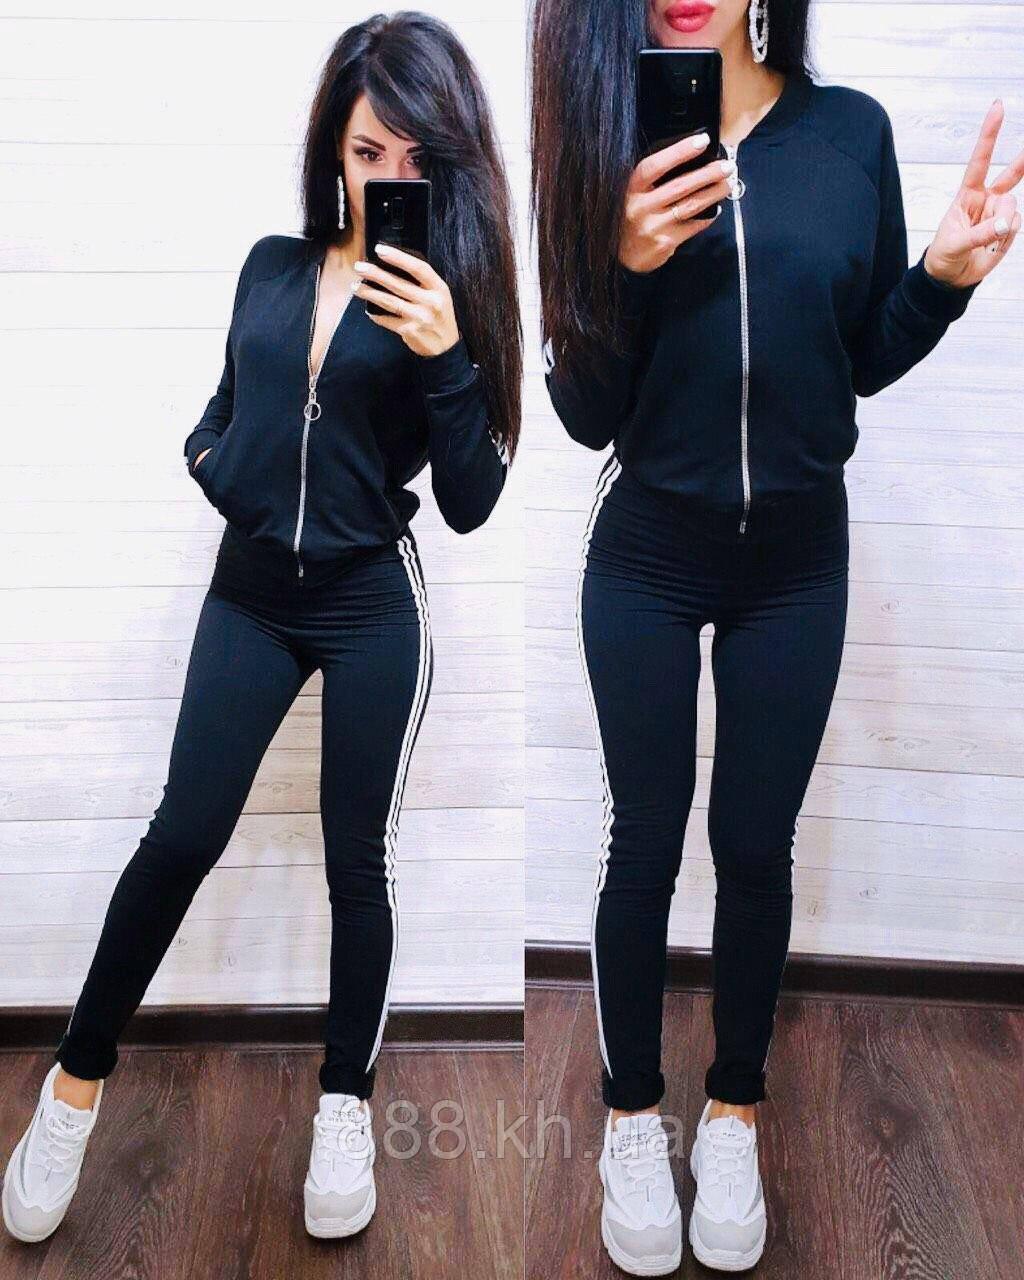 Женский спортивный костюм, костюм для прогулок есть большой размер S/M/L/XL (темно-синий)